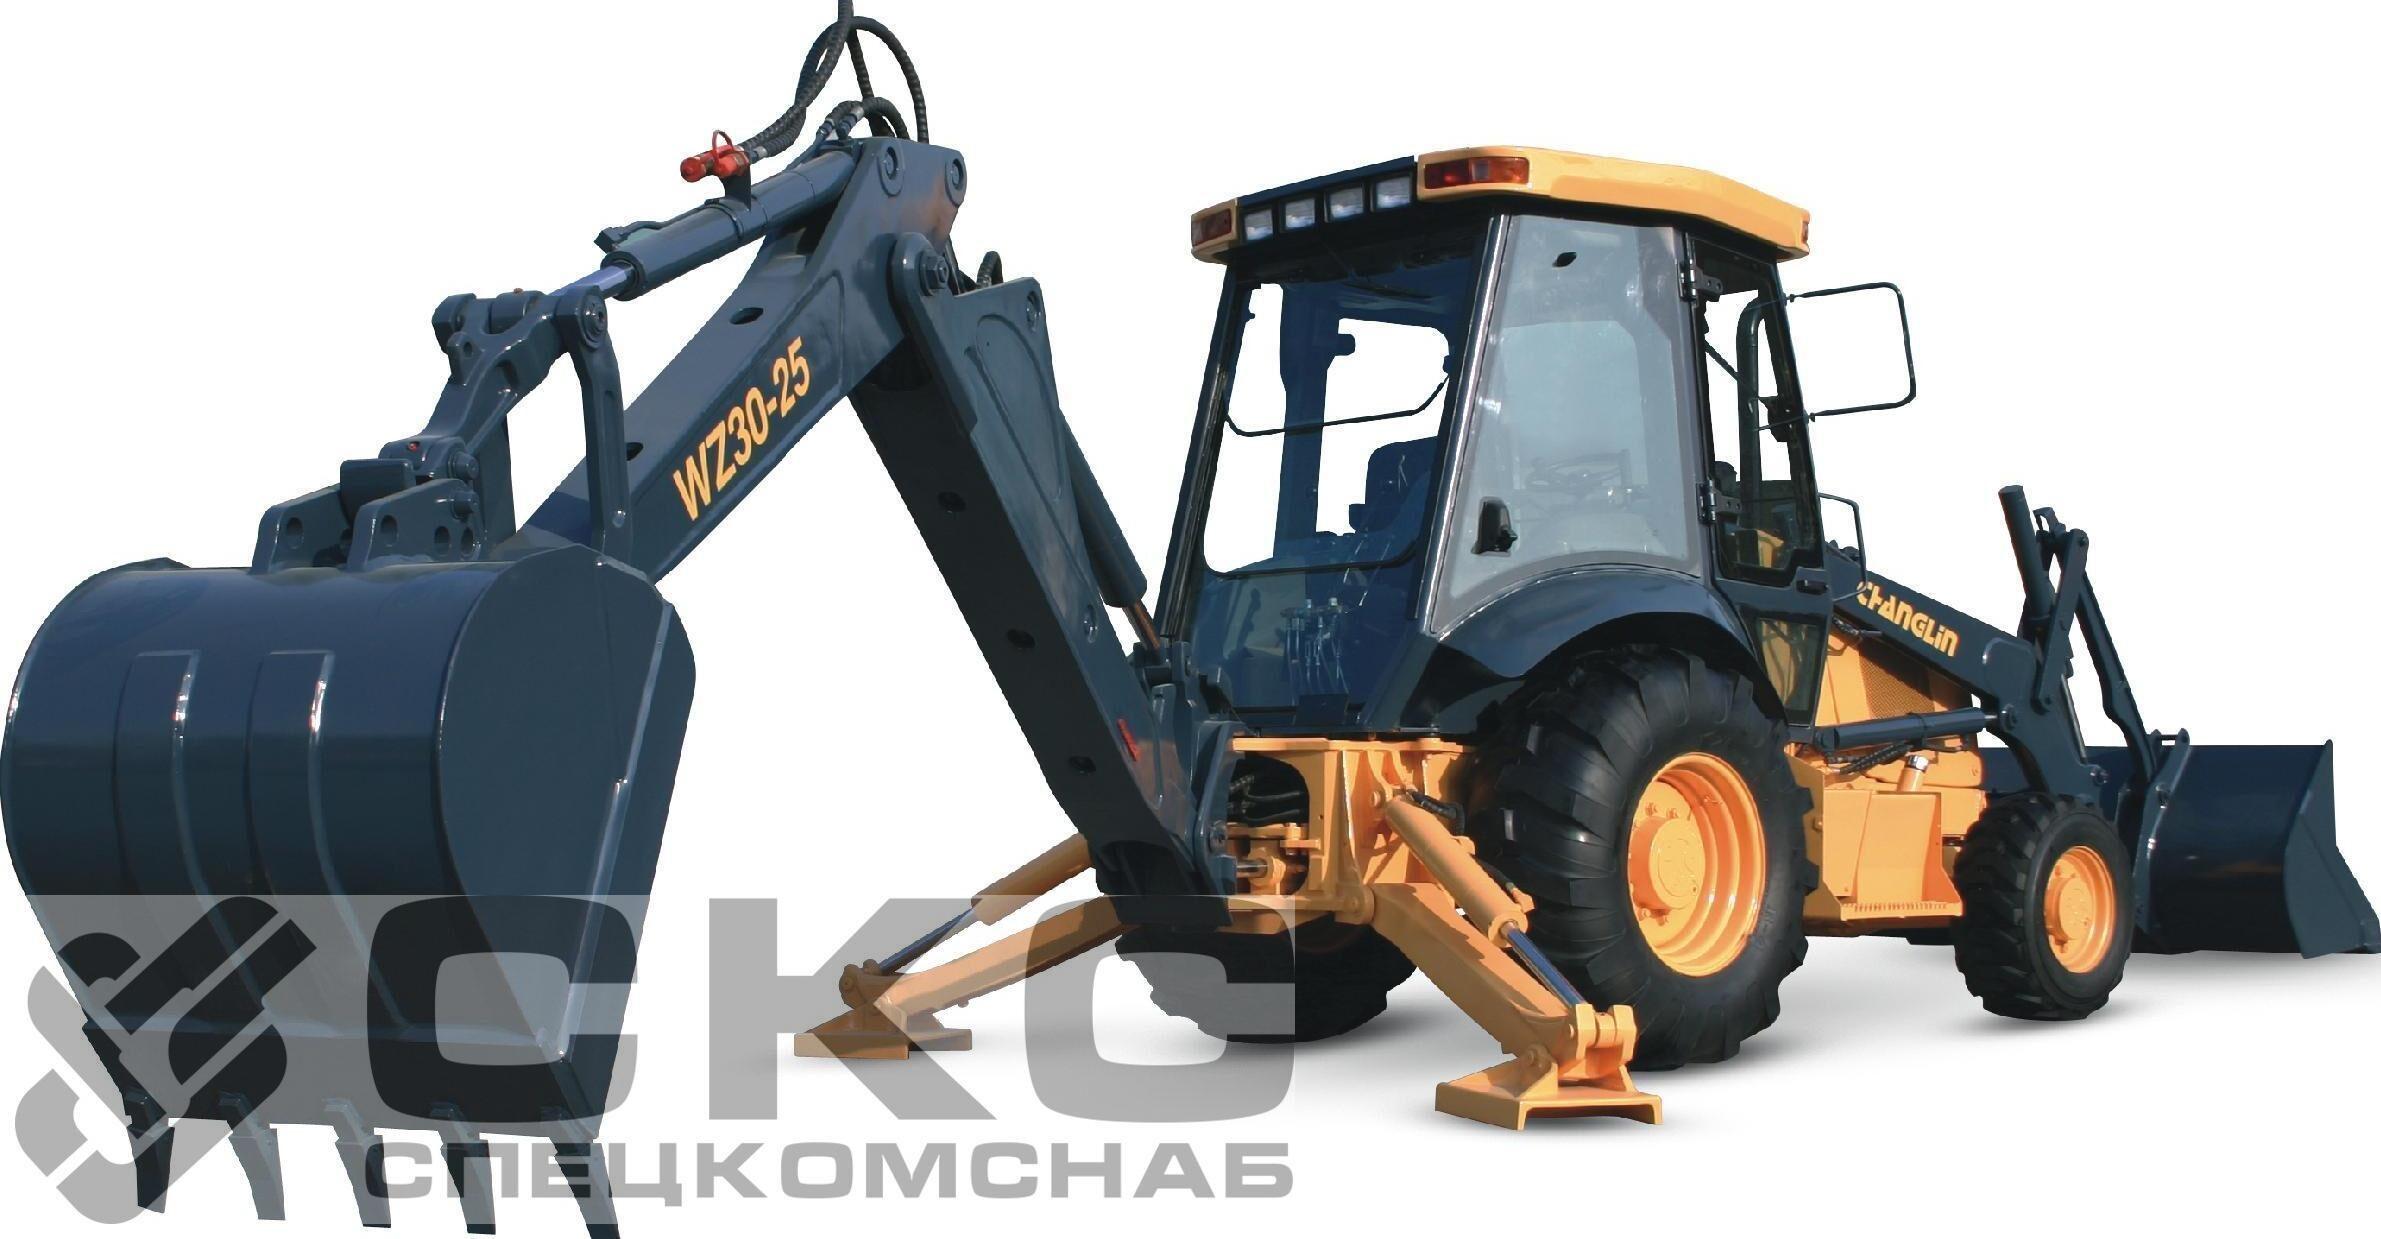 Екскаватор Bagger-288: технічні характеристики і фото